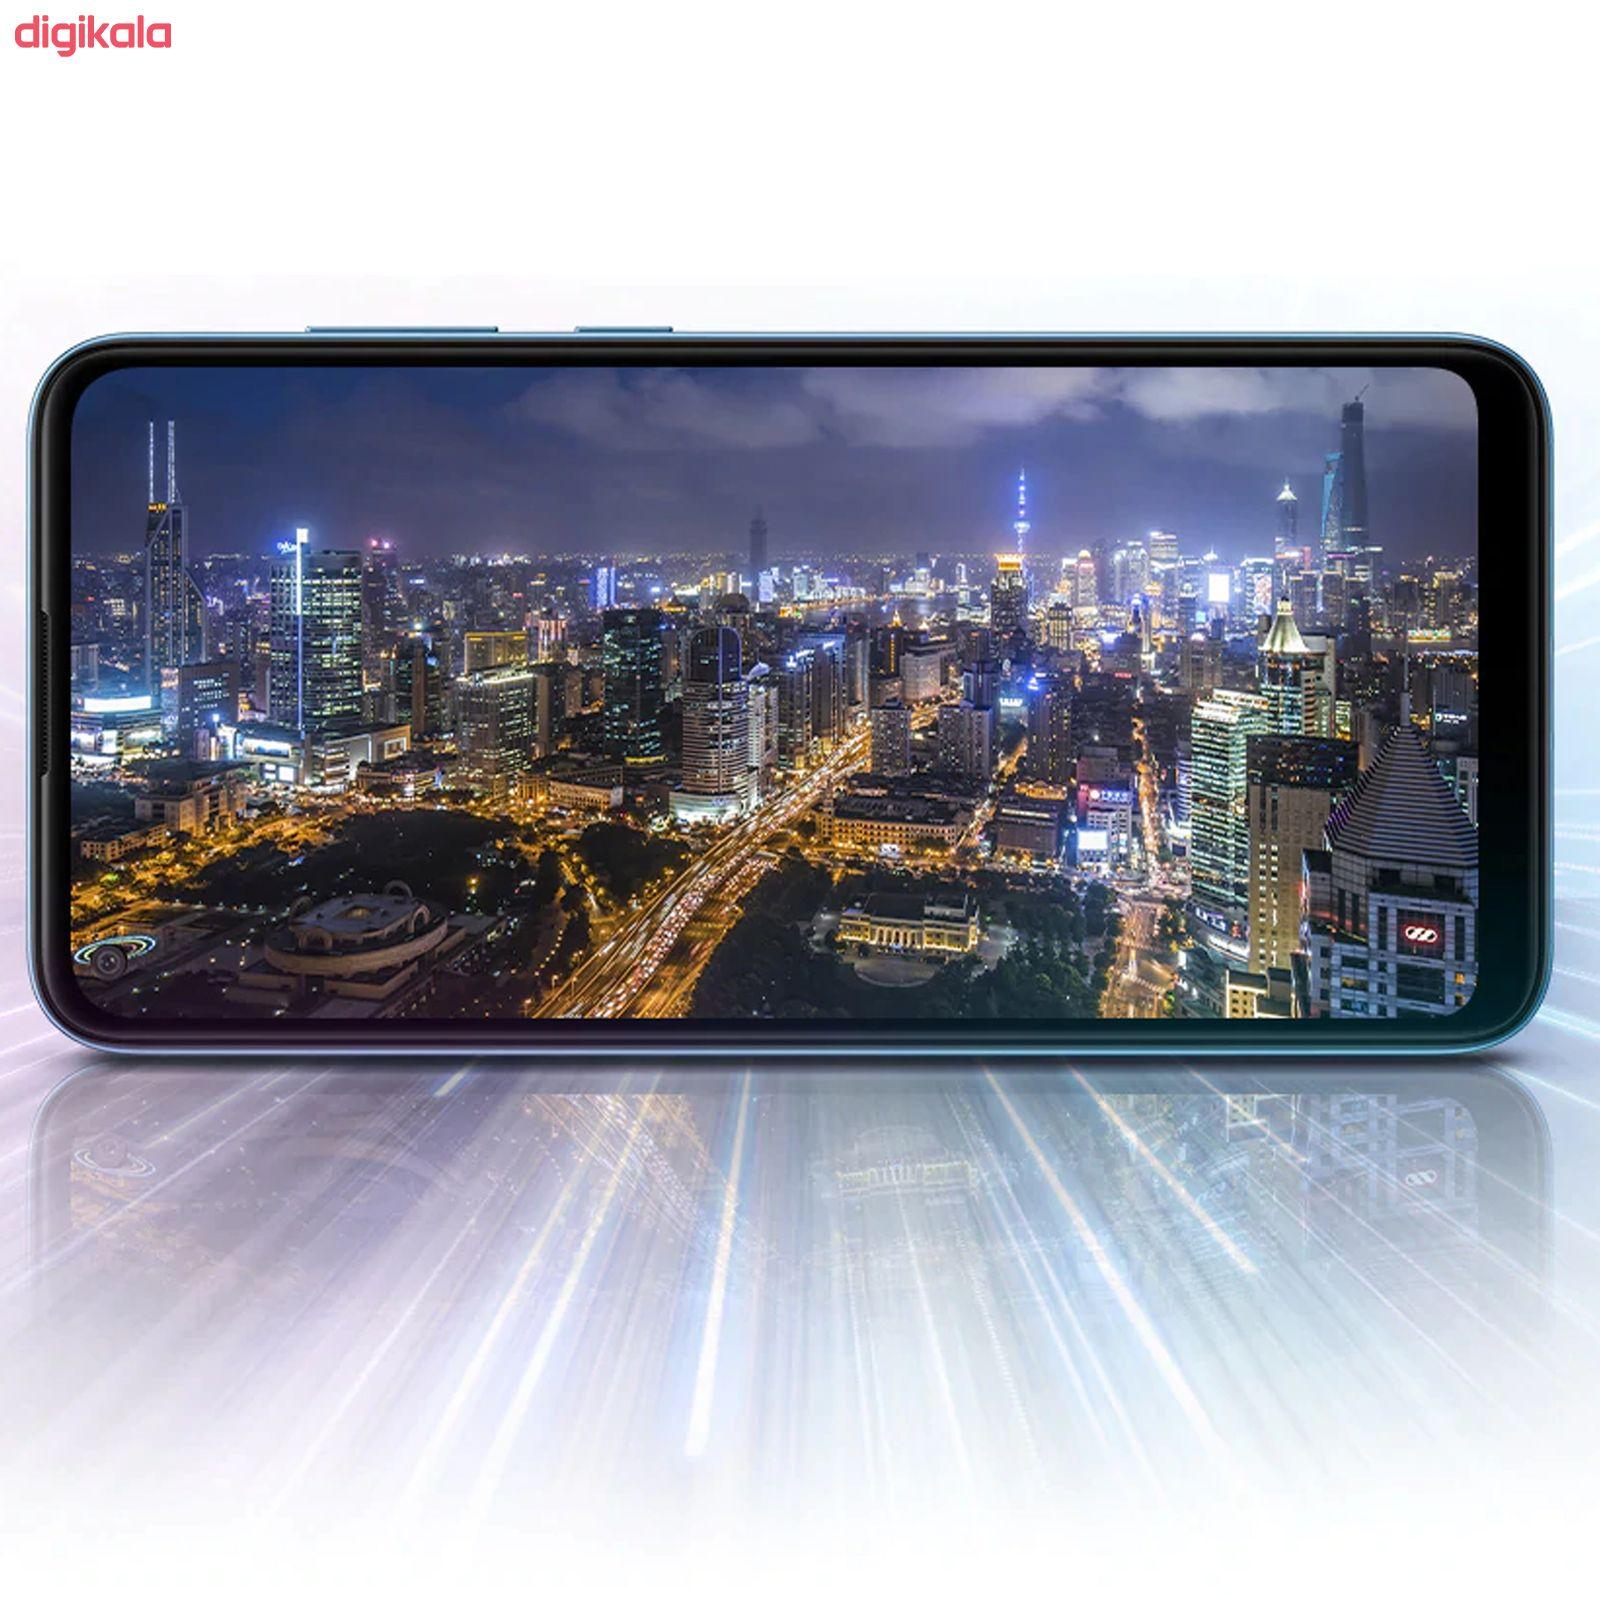 گوشی موبایل سامسونگ مدل Galaxy A11 SM-A115F/DS دو سیم کارت ظرفیت 32 گیگابایت با 2 گیگابایت رم main 1 10